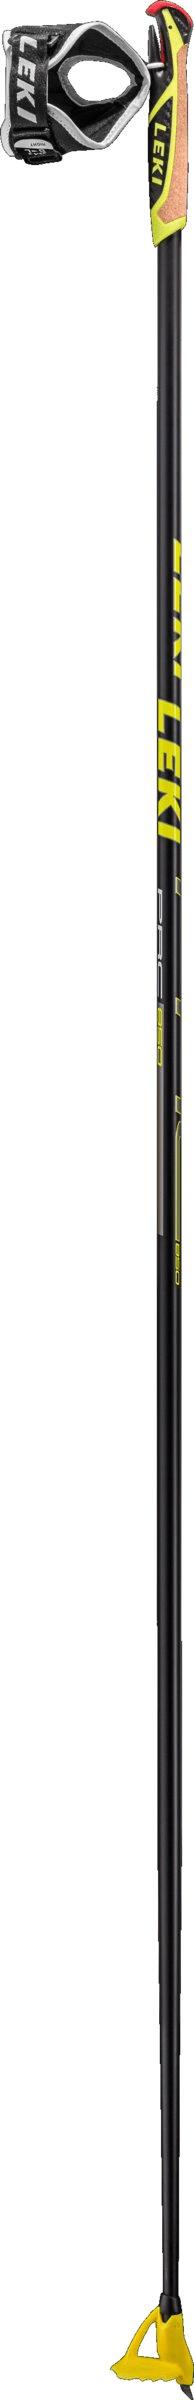 Leki PRC 850 Bastoncino da sci di fondo